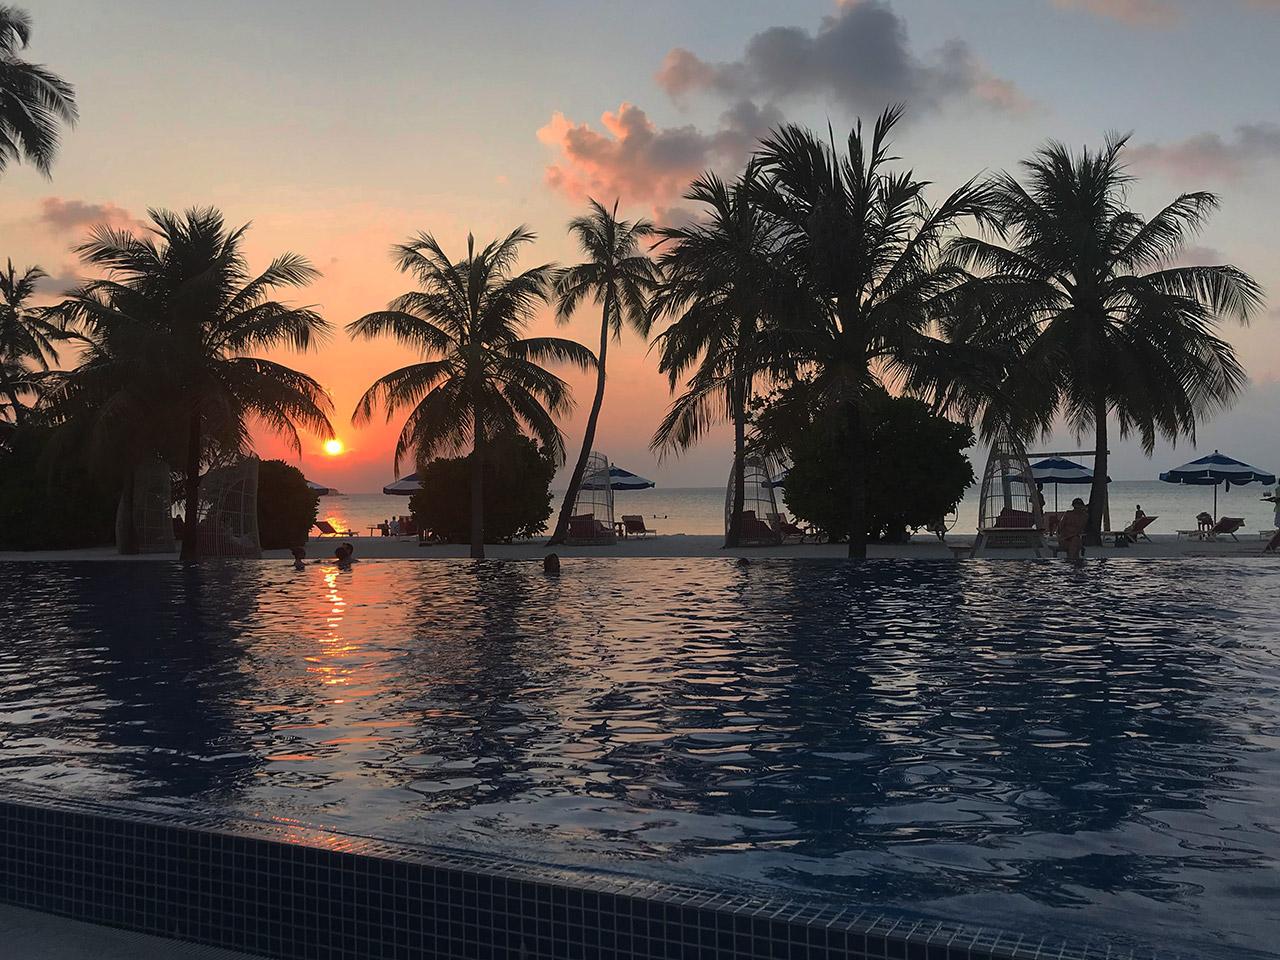 Kandima-Maldives-07